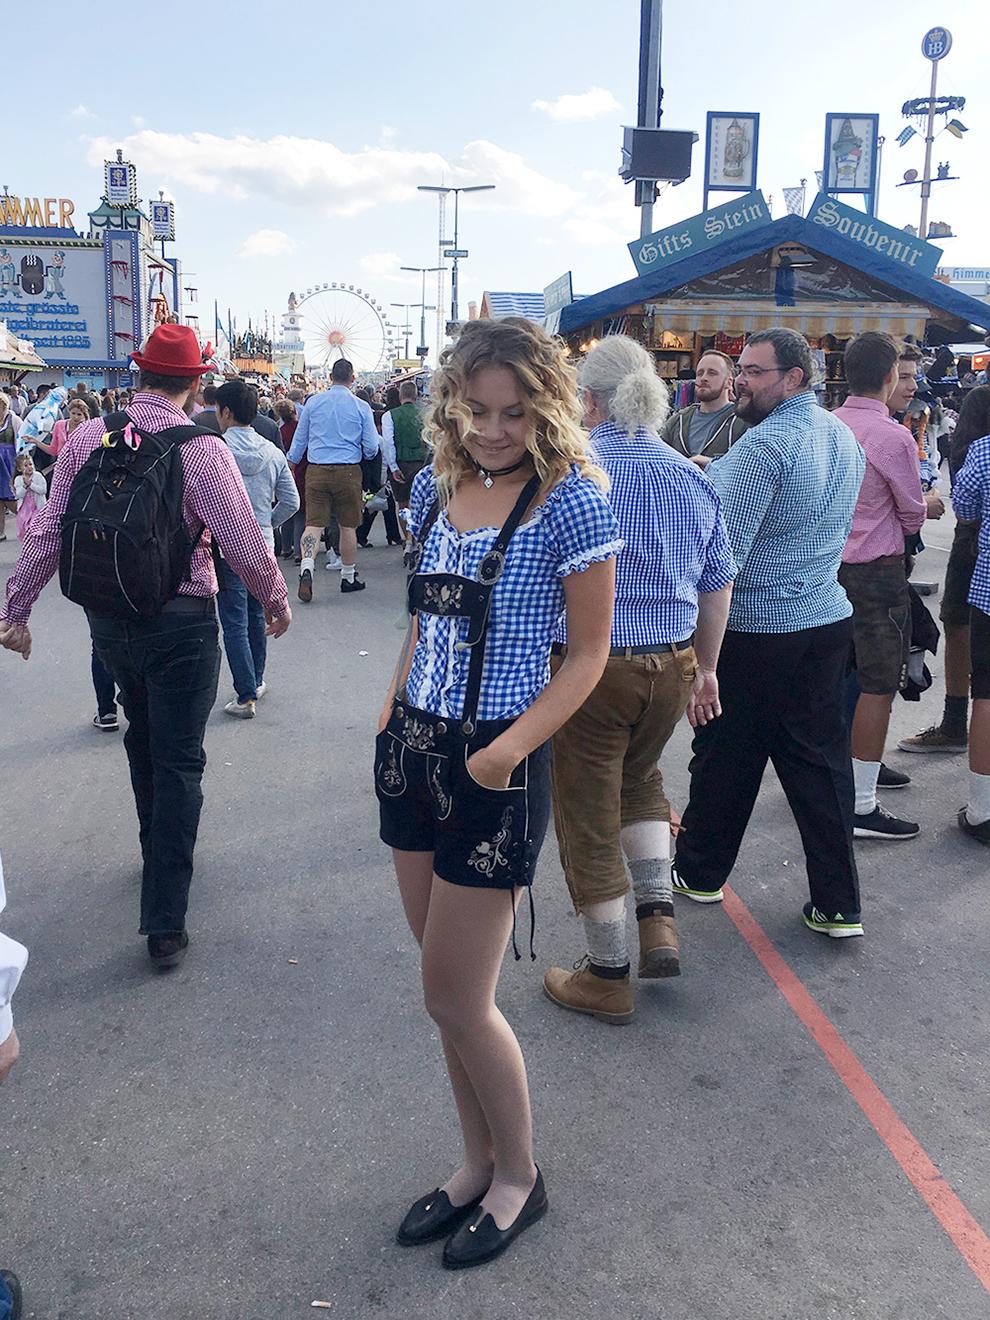 Основная одежда девушек во время Октоберфеста — платья дирндль, но я купила шорты: они стоили дешевле и не занимали много места в чемодане